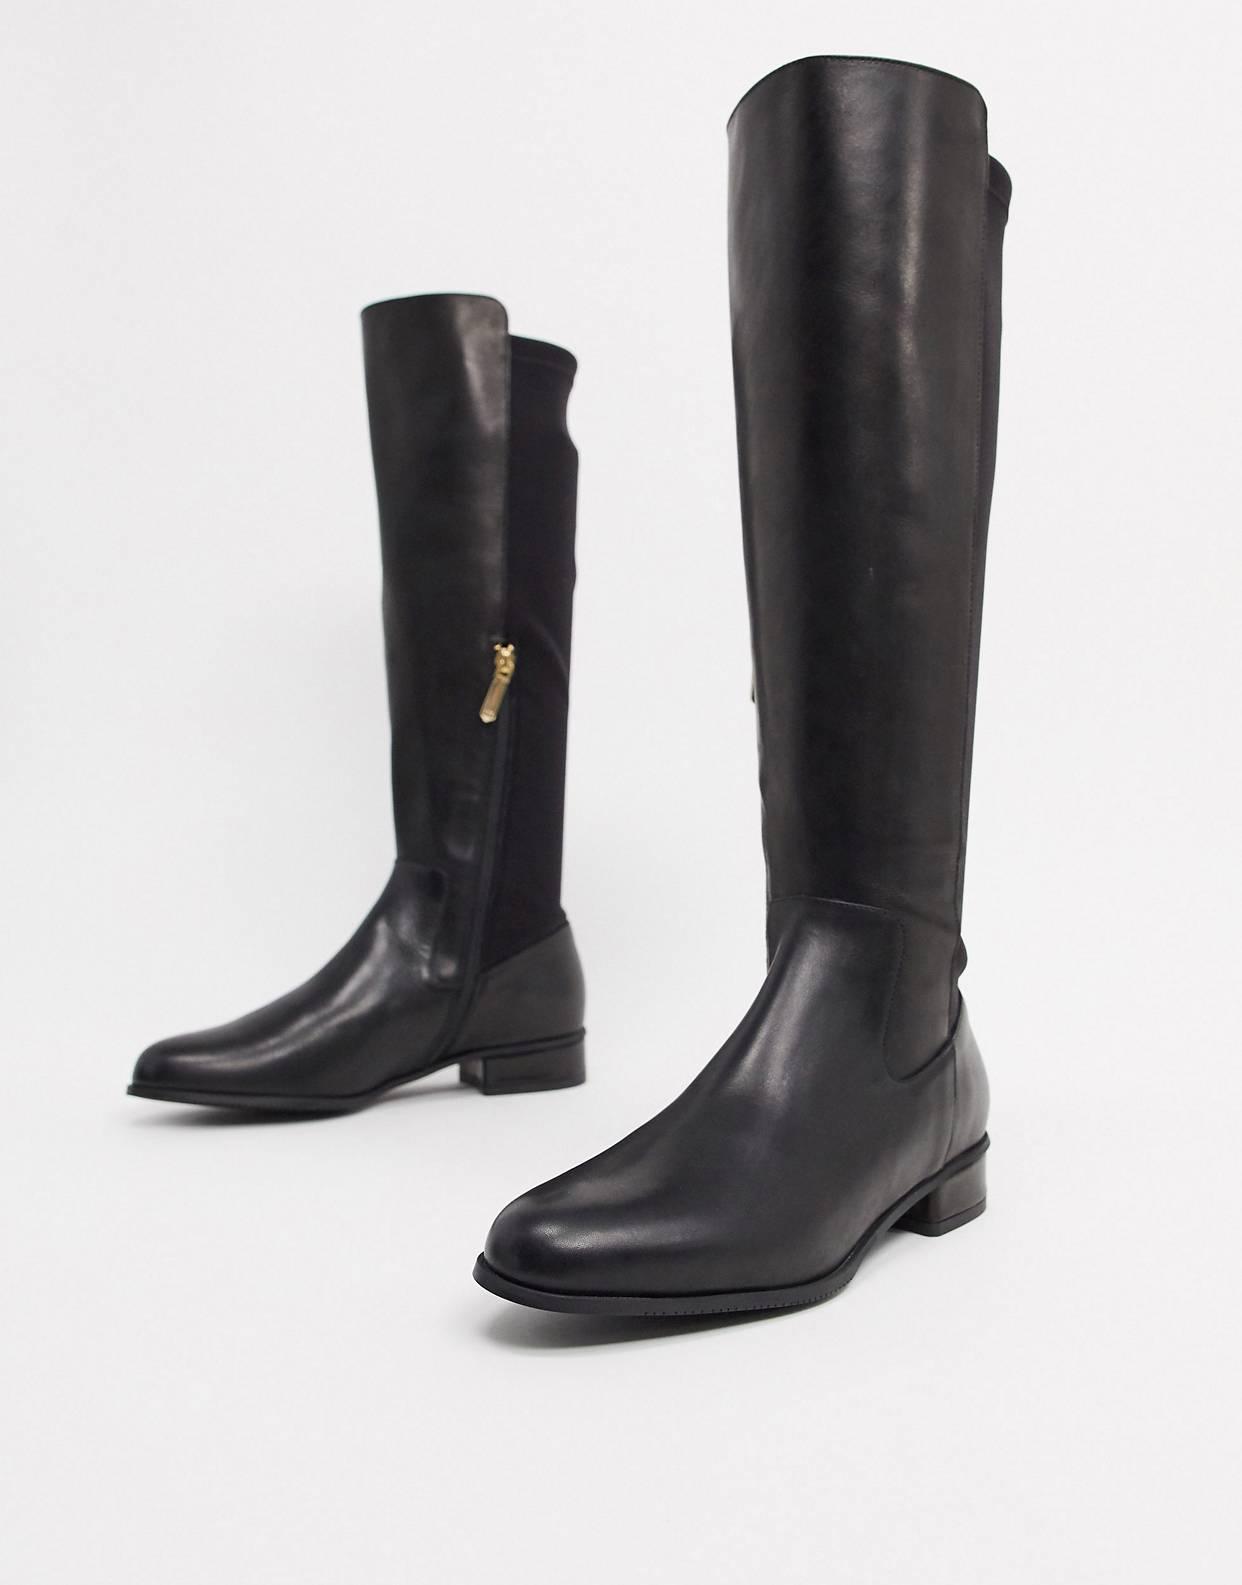 Botas planas altas de cuero negro Olivia de Karen Millen